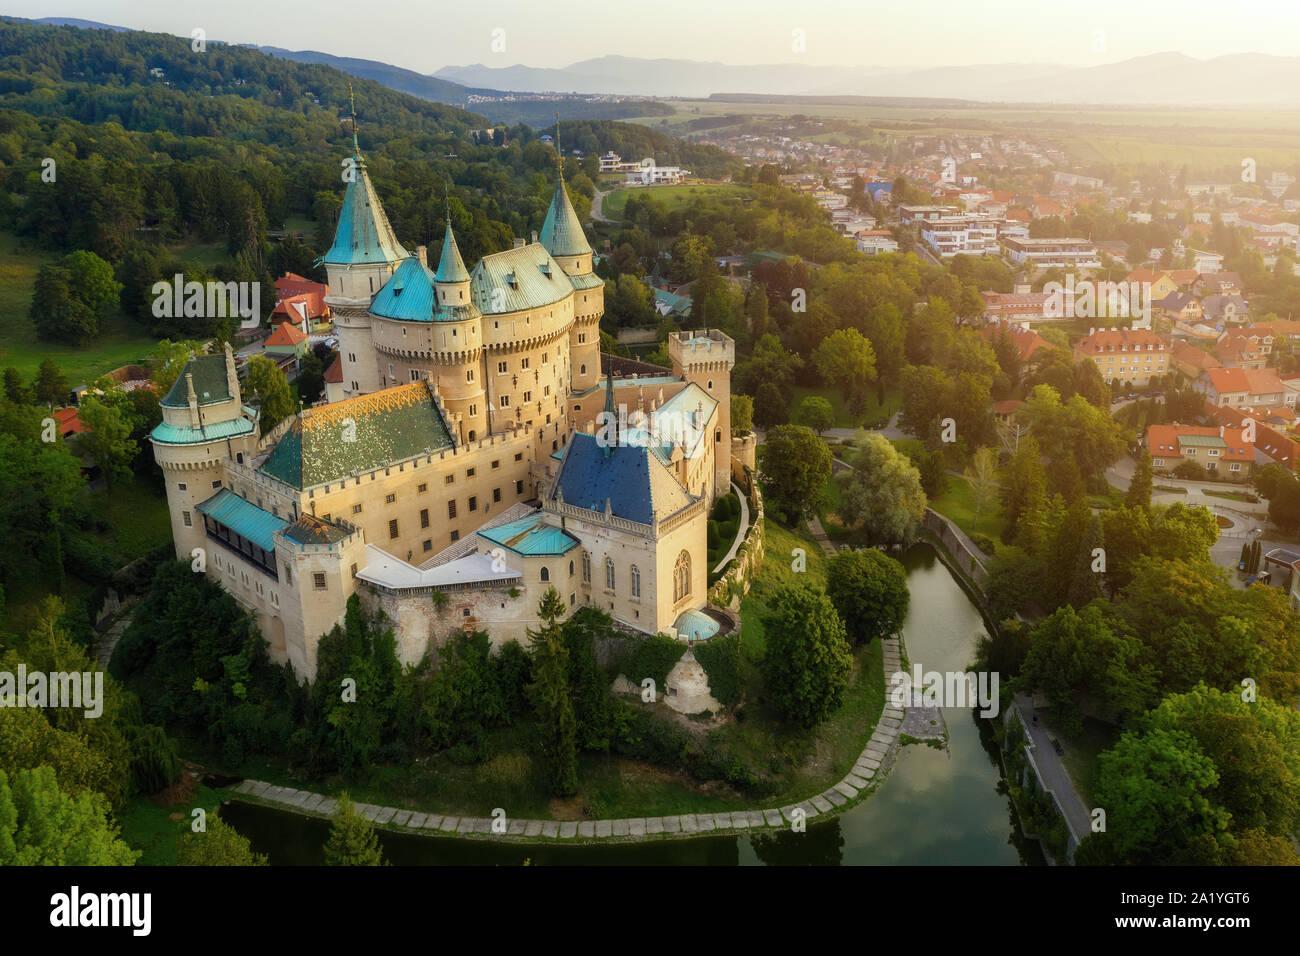 Vue aérienne de Bojnice château médiéval, l'UNESCO patrimoine mondial en Slovaquie. Château romantique avec des éléments gothiques et de la Renaissance construit au 12e siècle. Banque D'Images